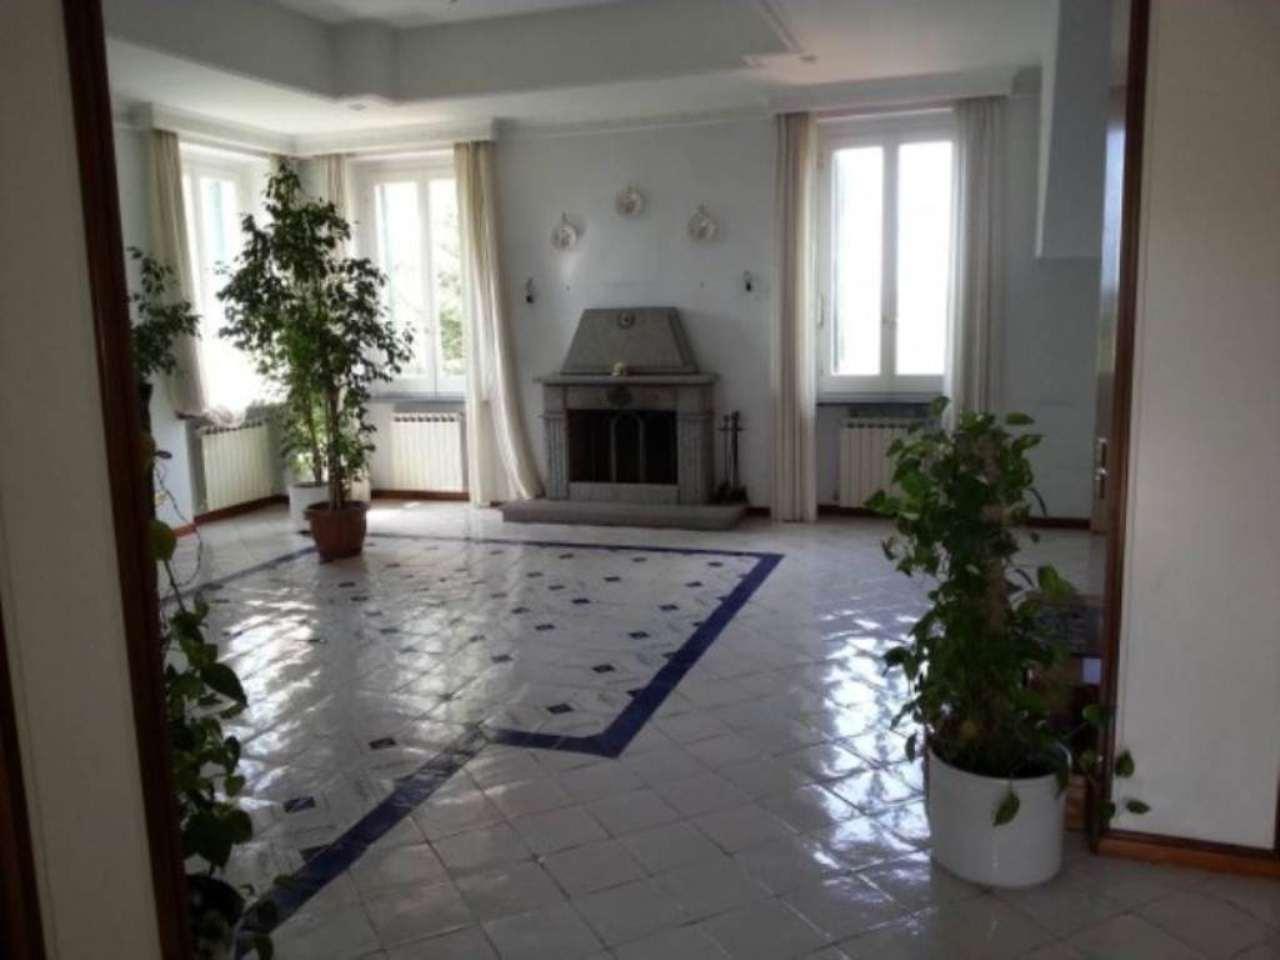 Villa in vendita a Napoli, 6 locali, zona Zona: 1 . Chiaia, Posillipo, San Ferdinando, prezzo € 3.500.000 | Cambio Casa.it